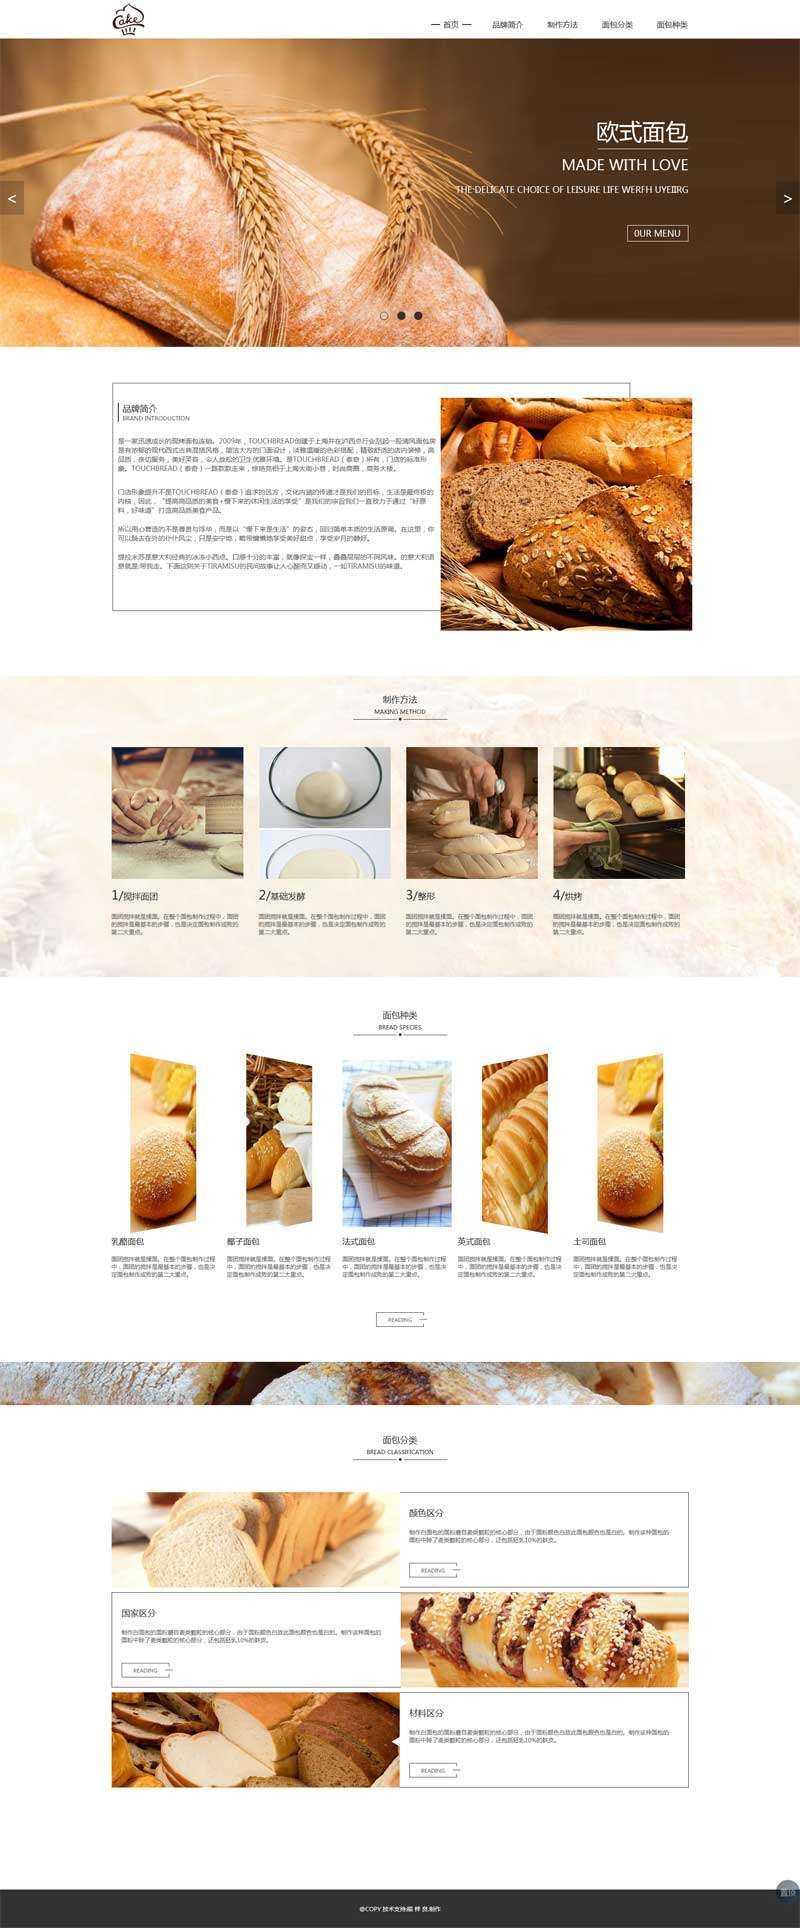 大气的品牌面包企业介绍页面模板